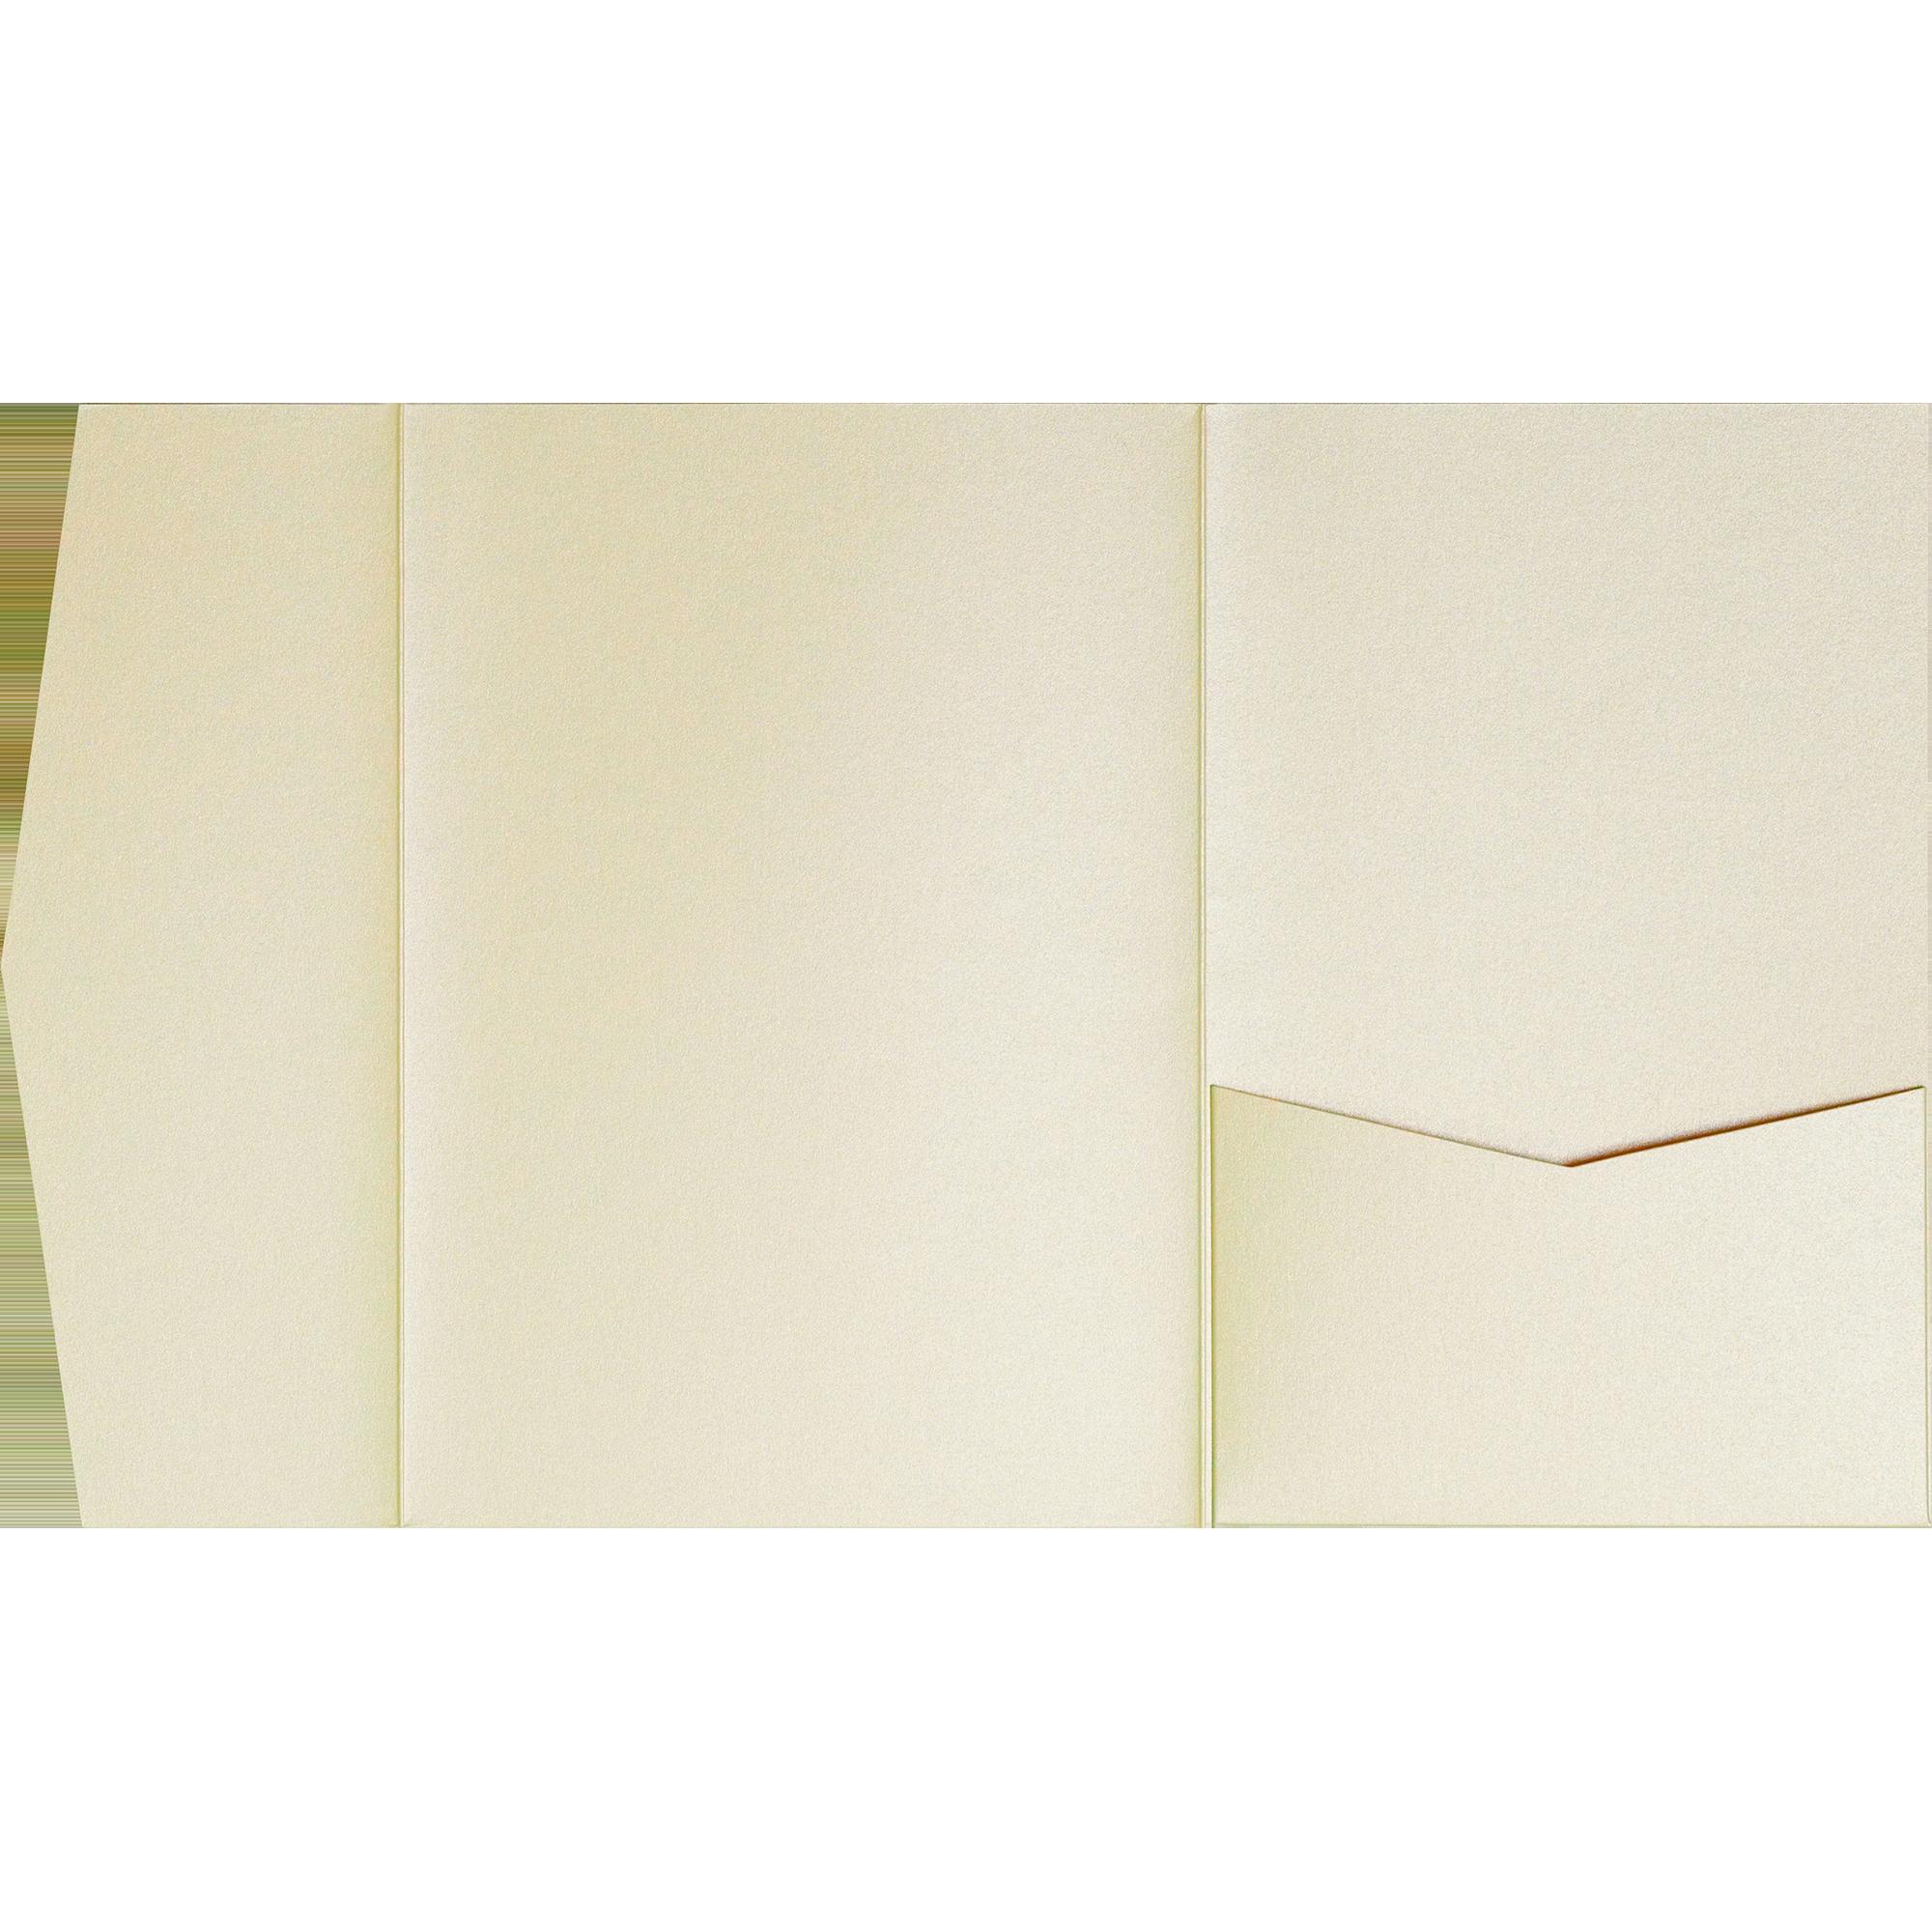 A7 Pocket Envelope 5x7 Pocket All Colors available Vertical Pocket envelope Vertical Pocketfold Invitation